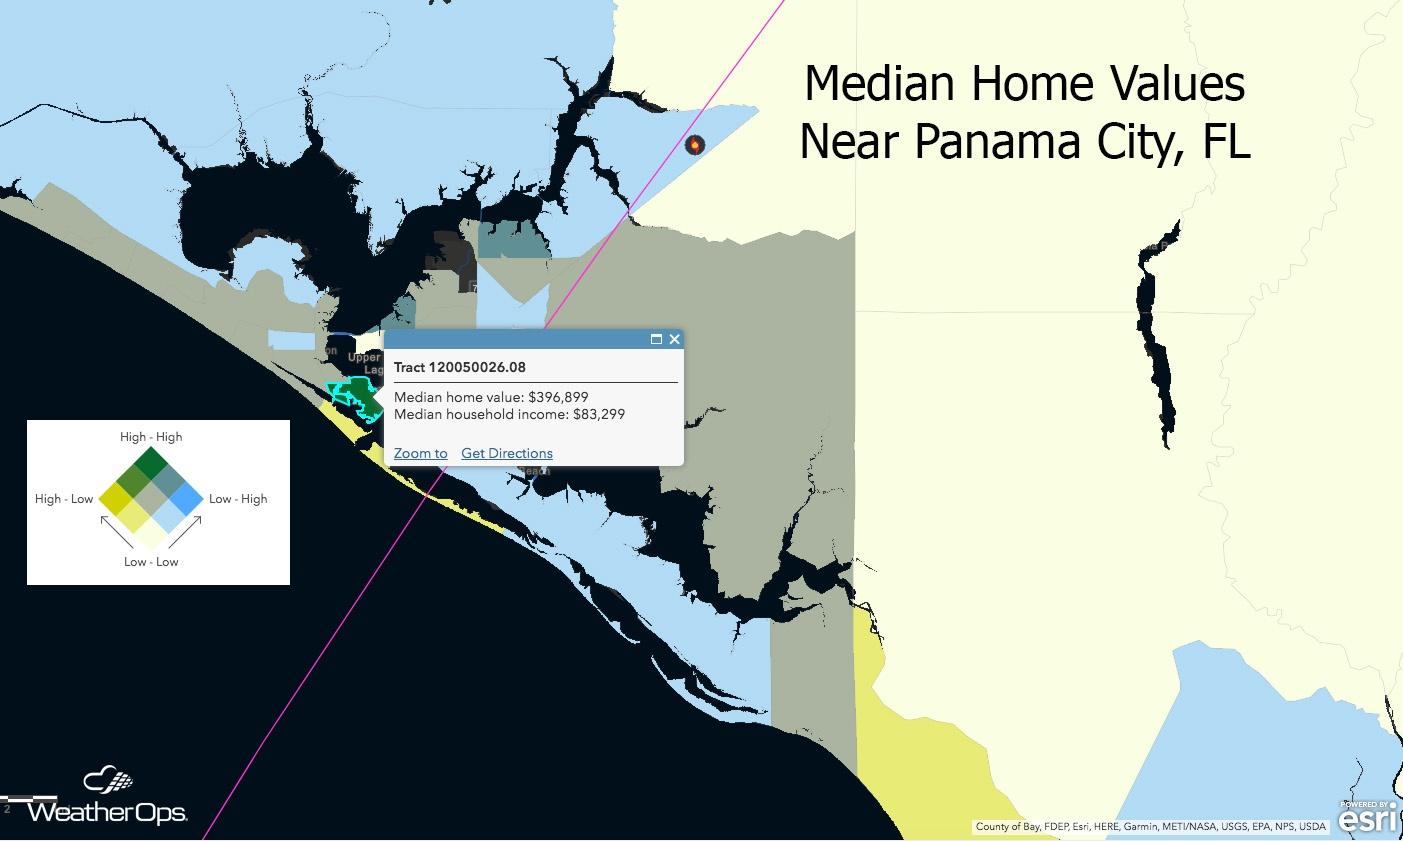 Median Home Values Near Panama City